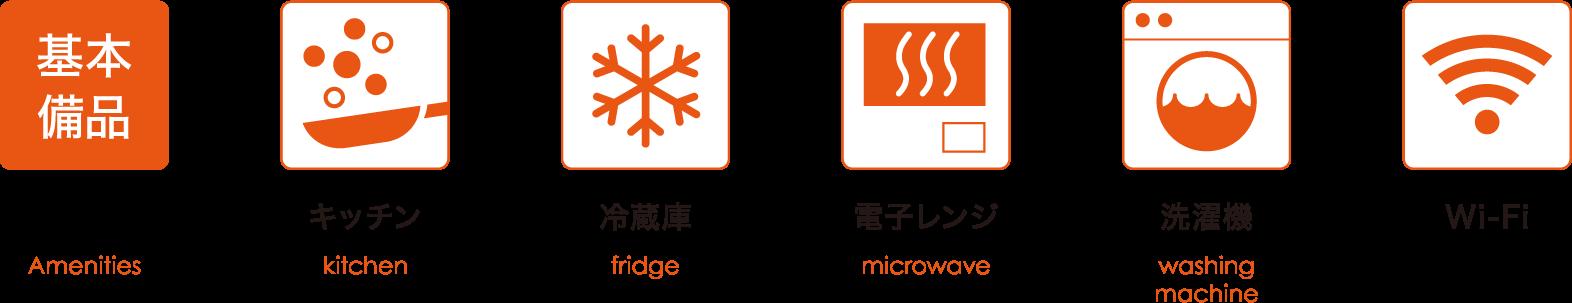 キッチン|冷蔵庫|電子レンジ|洗濯機|Wi-Fi